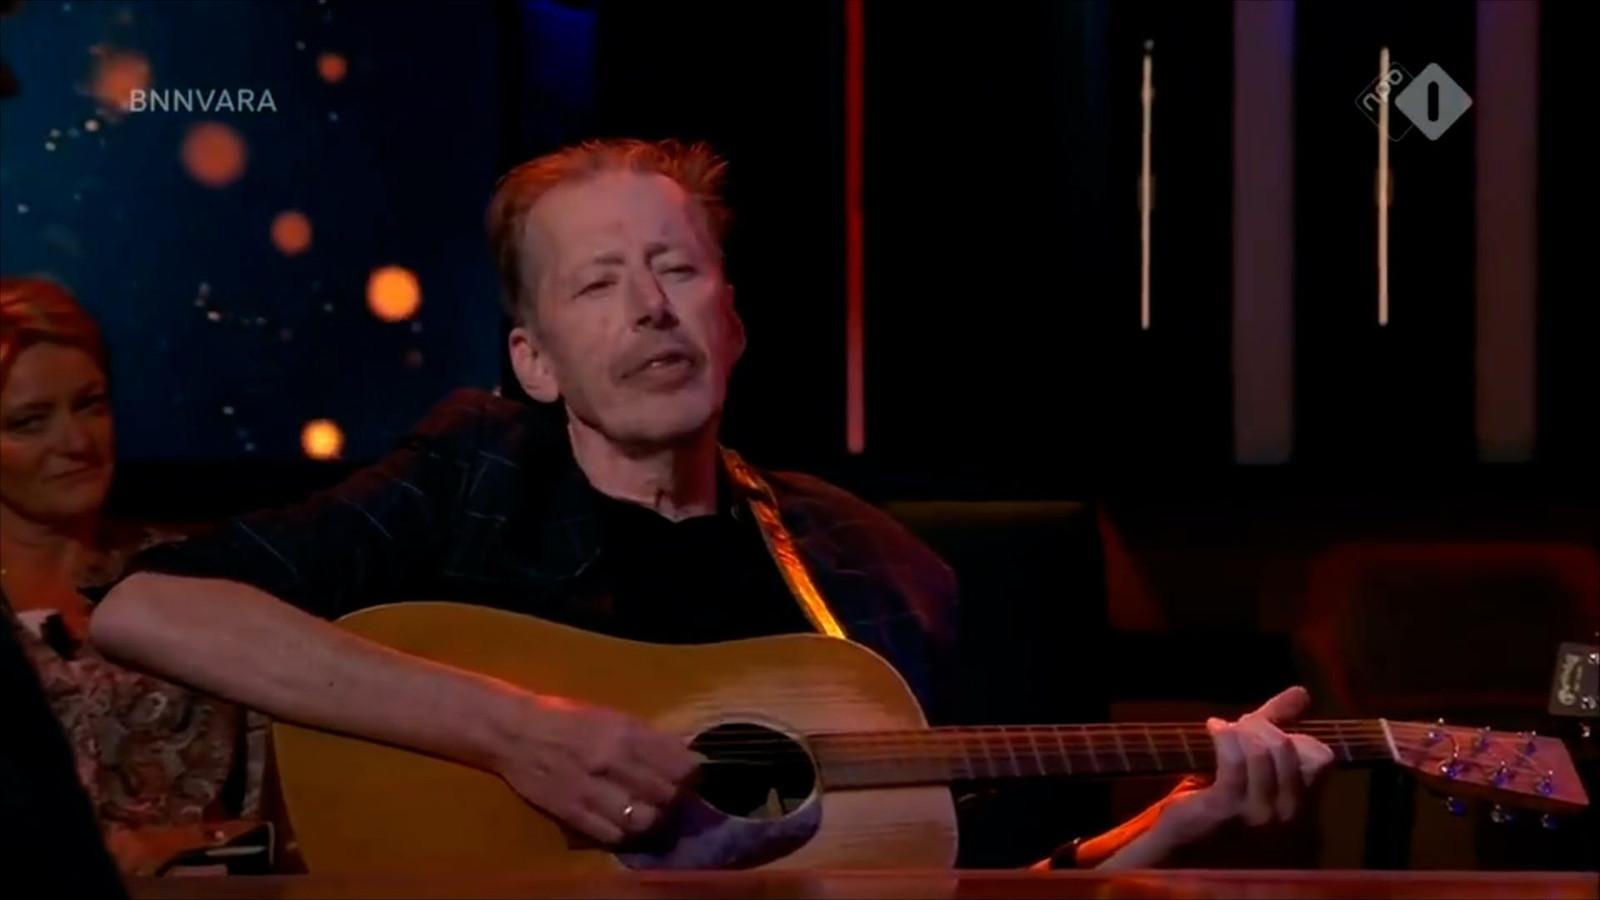 Aan tafel bij Op1 zat Jan Rot, die onlangs bekendmaakte dat hij ongeneeslijk ziek is. Hij zong zijn vertaling van Danny Vera's hit Roller coaster.